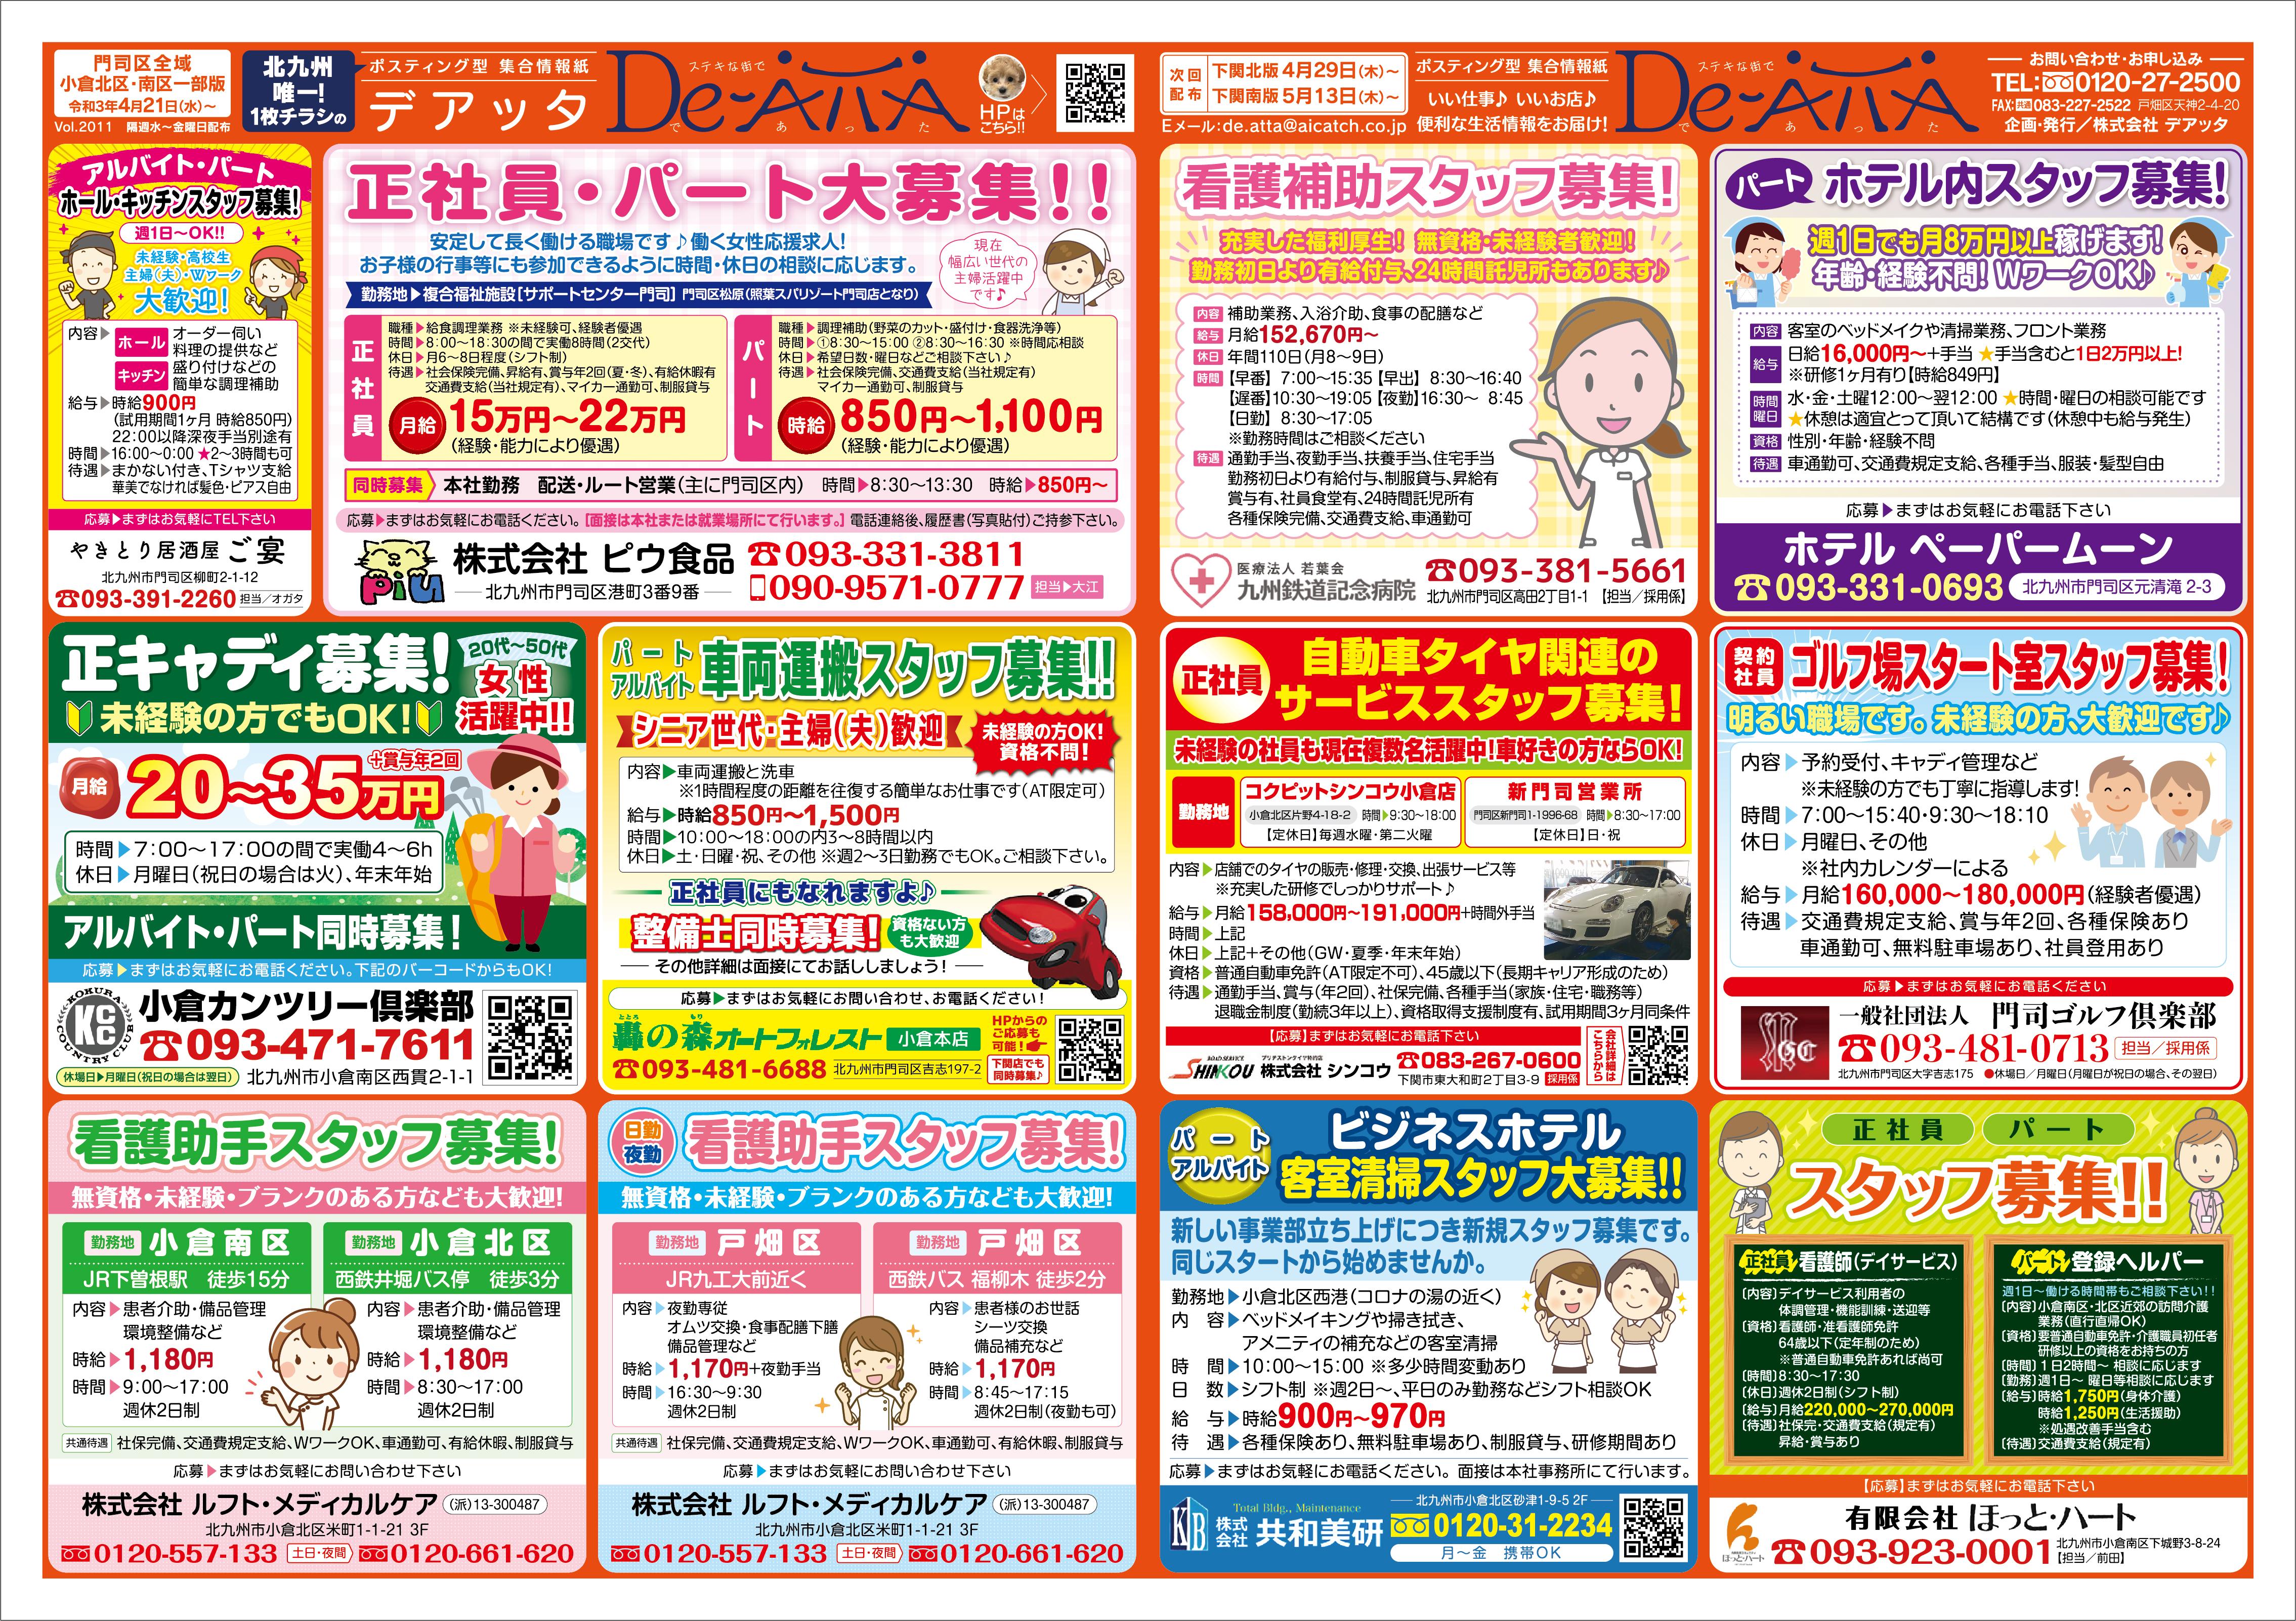 門司区全域・小倉北区南区一部版 令和3年4月21日号デアッタチラシ表イメージ